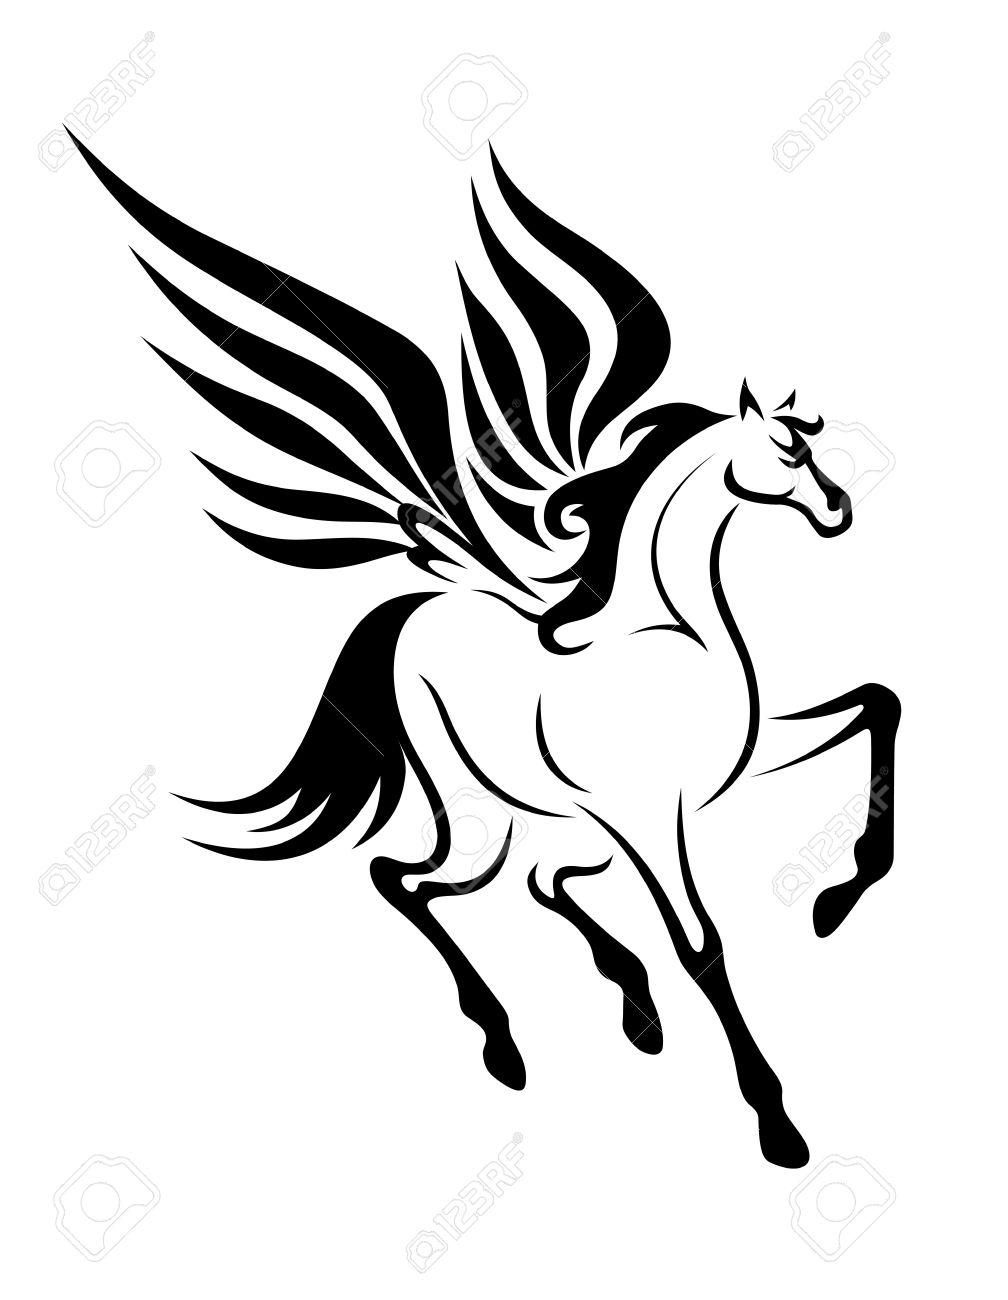 タトゥーの翼を持つ黒いペガサス馬ベクトル イラストのイラスト素材